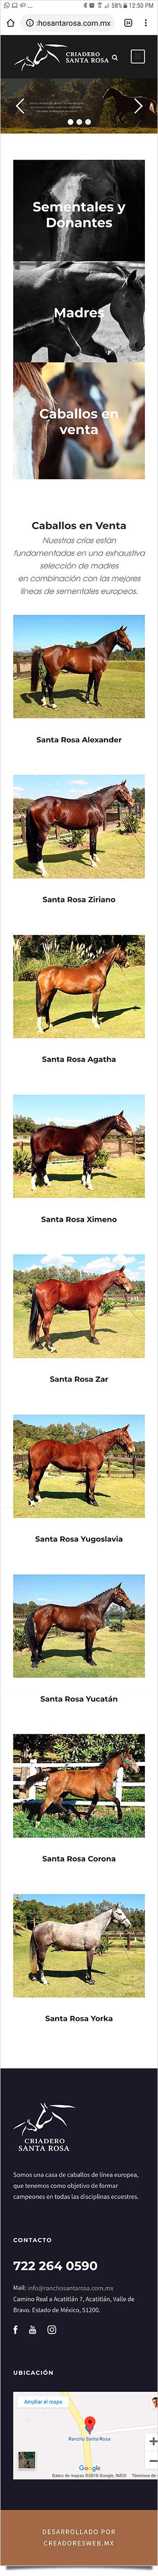 Criadero Rancho Santa Rosa - Diseño y Desarrollo de Tienda en Línea - CreadoresWeb.mx